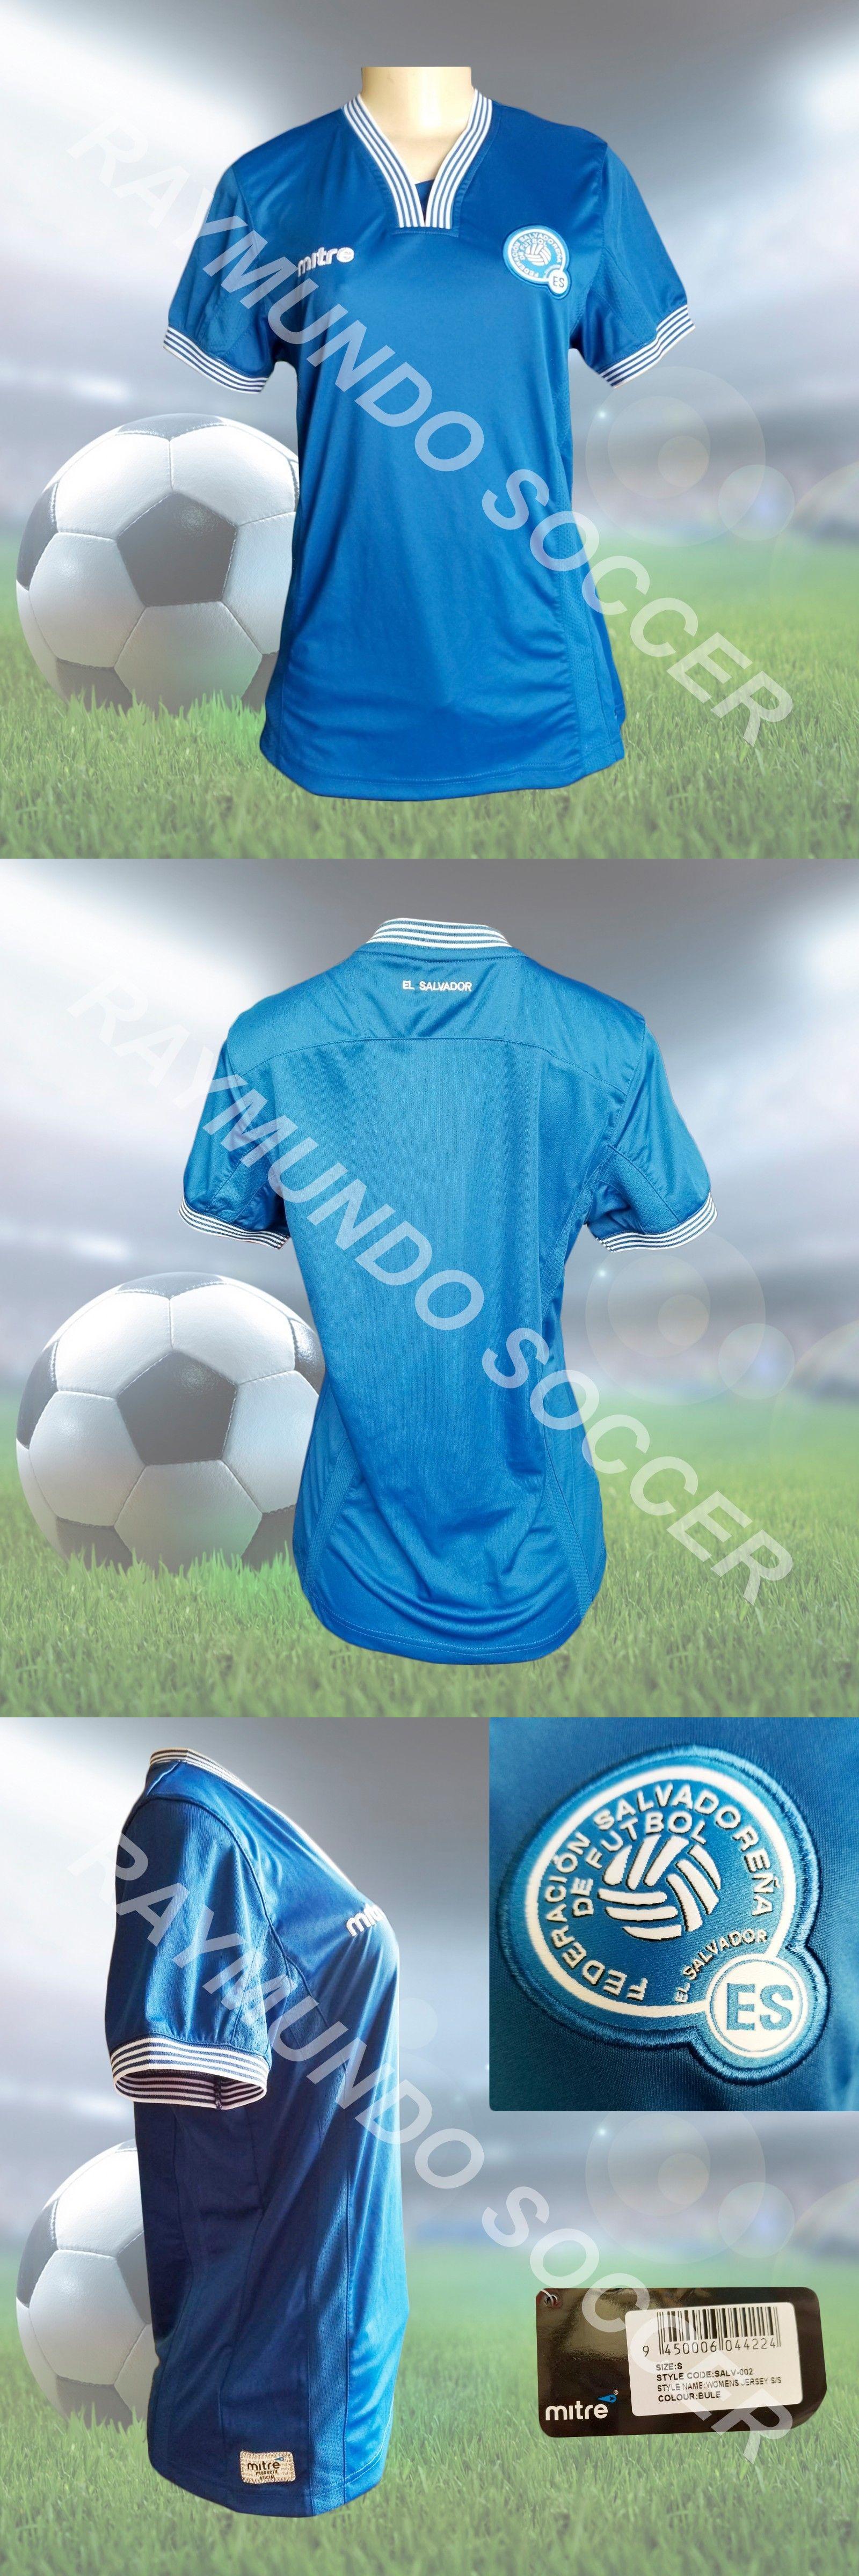 16caad96aaa Women 159098  Women S Mitre El Salvador Home Soccer Jersey -  BUY IT ...